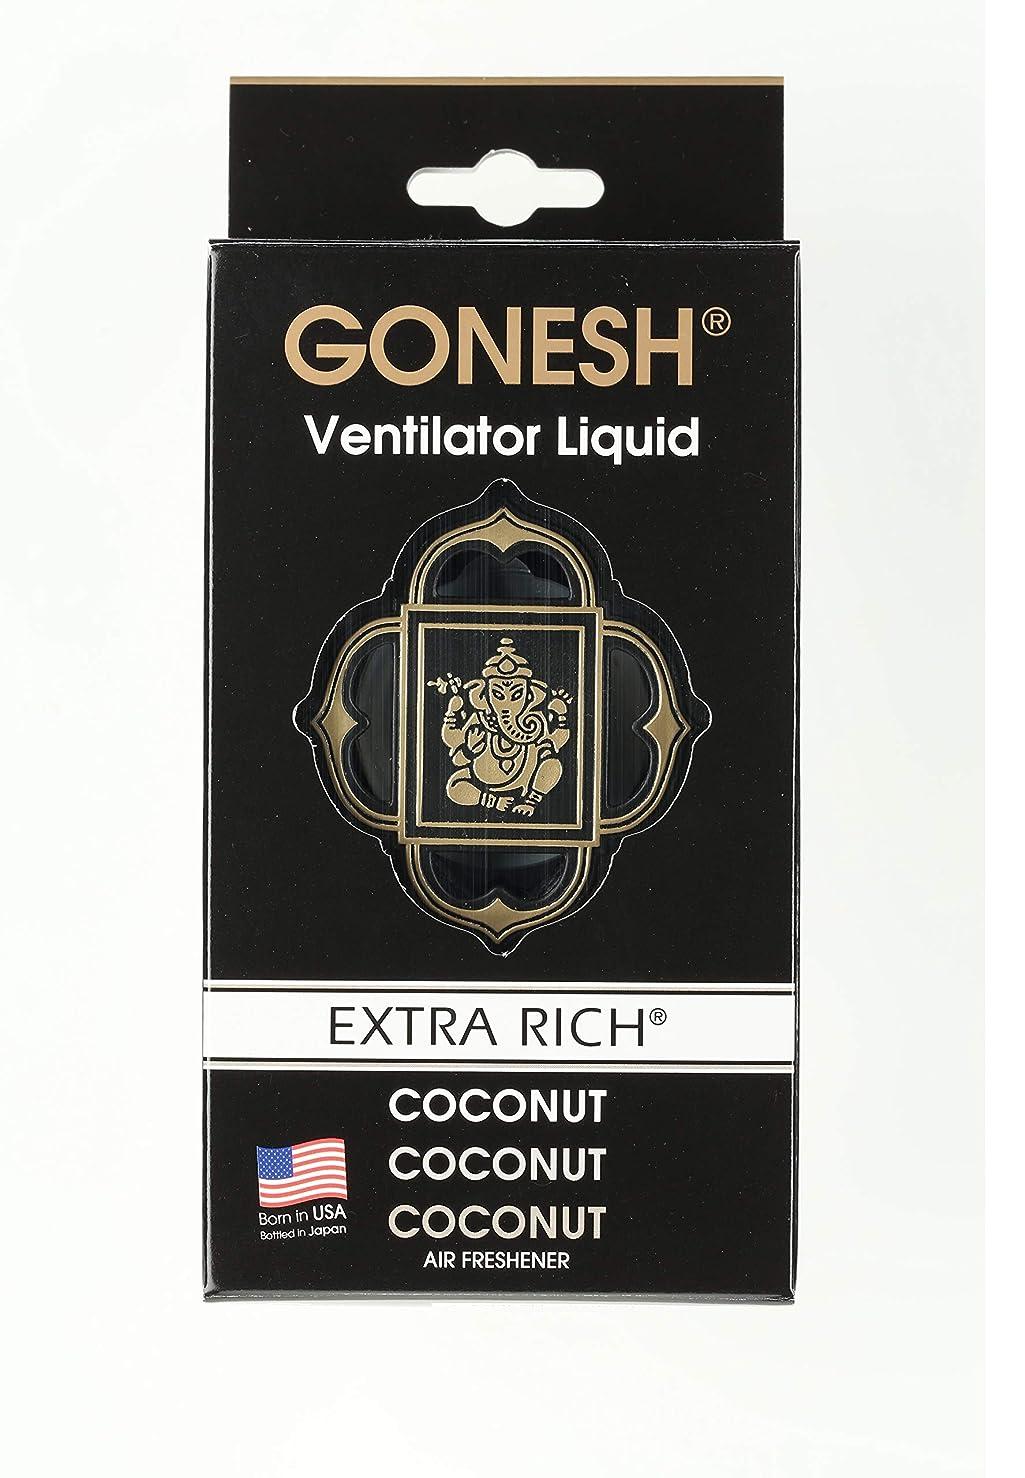 年修道院壁紙GONESH(ガーネッシュ)ヴェンティレーターリキッド ココナッツ(ココナッツの香り)